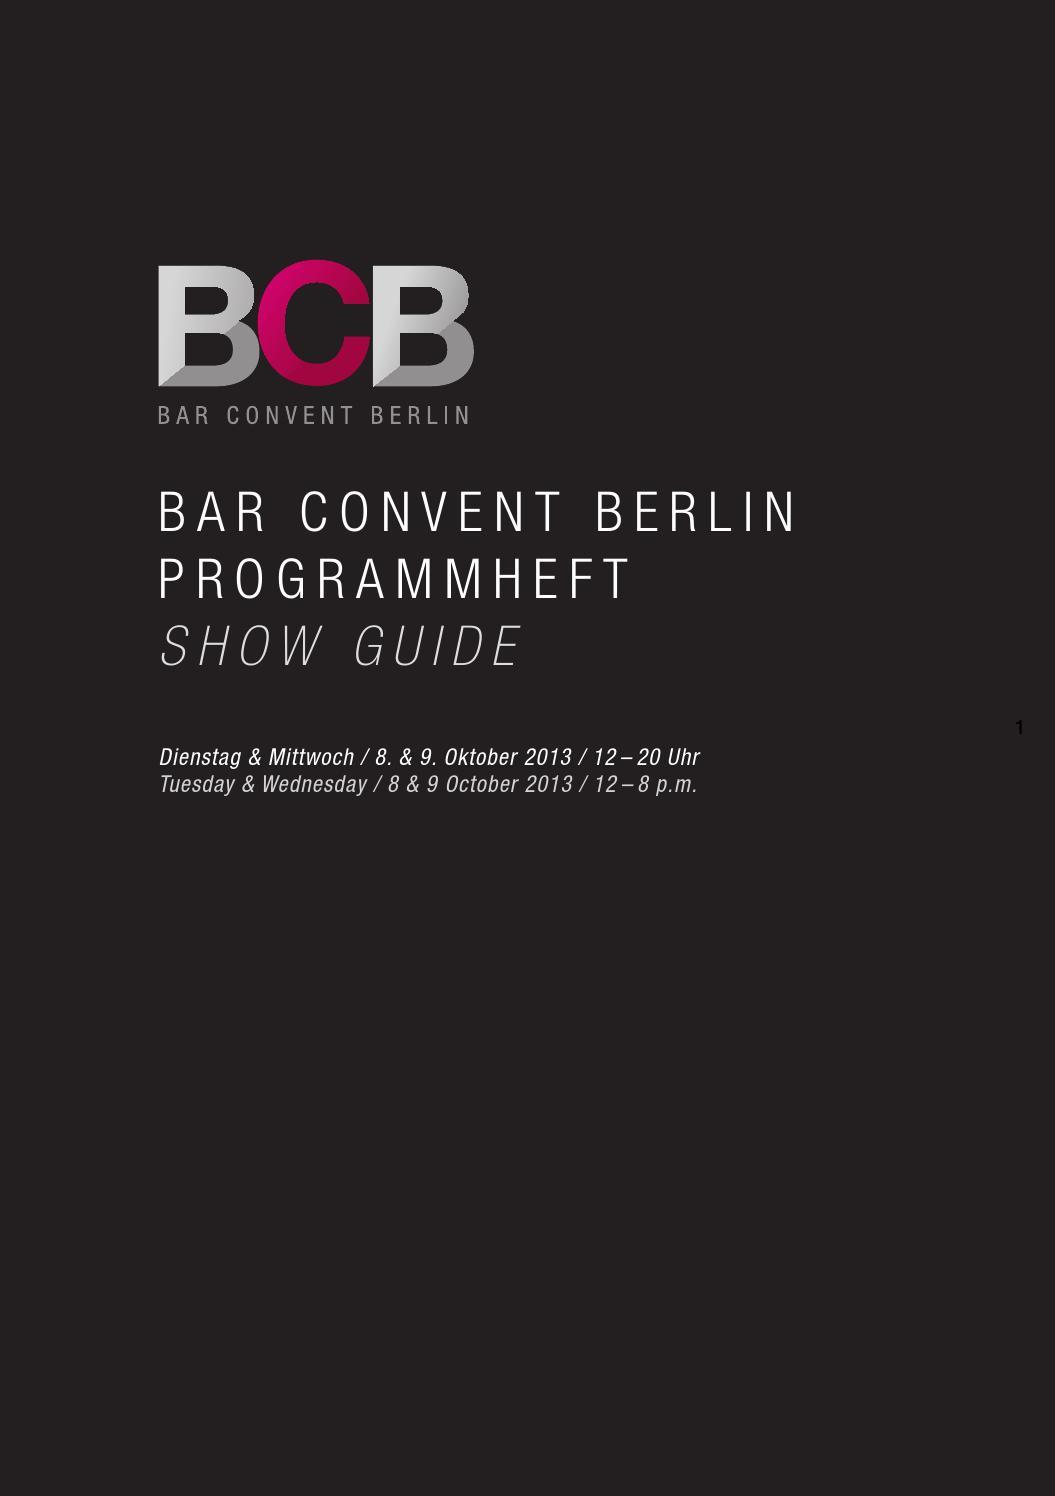 Bar Convent Berlin Show Guide Programmheft 2013 By